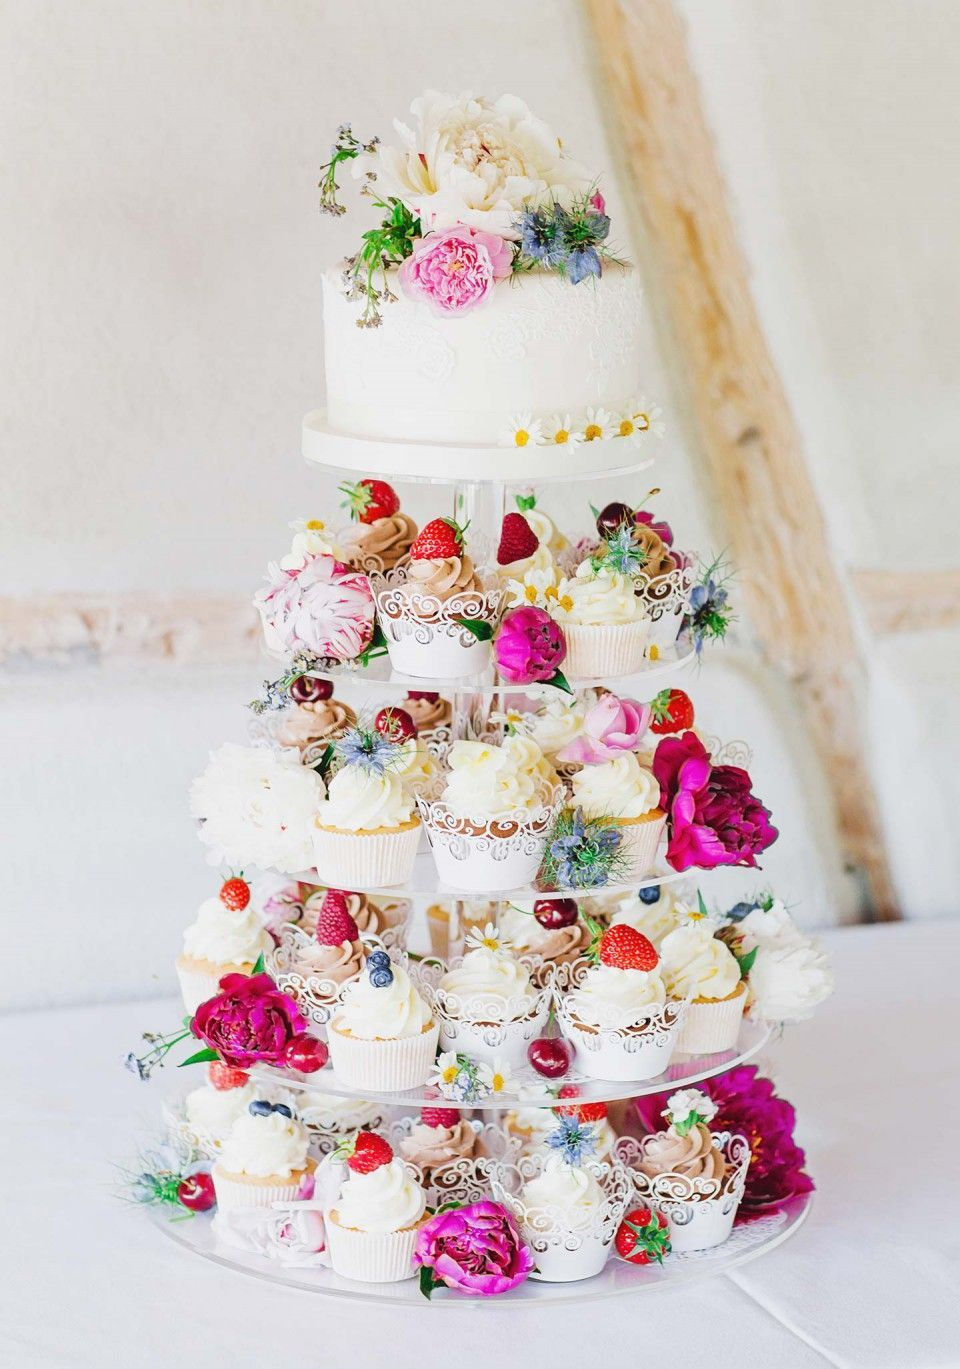 Bunter Vintage Zauber Kleine Hochzeitstorte Mit Cupcakes